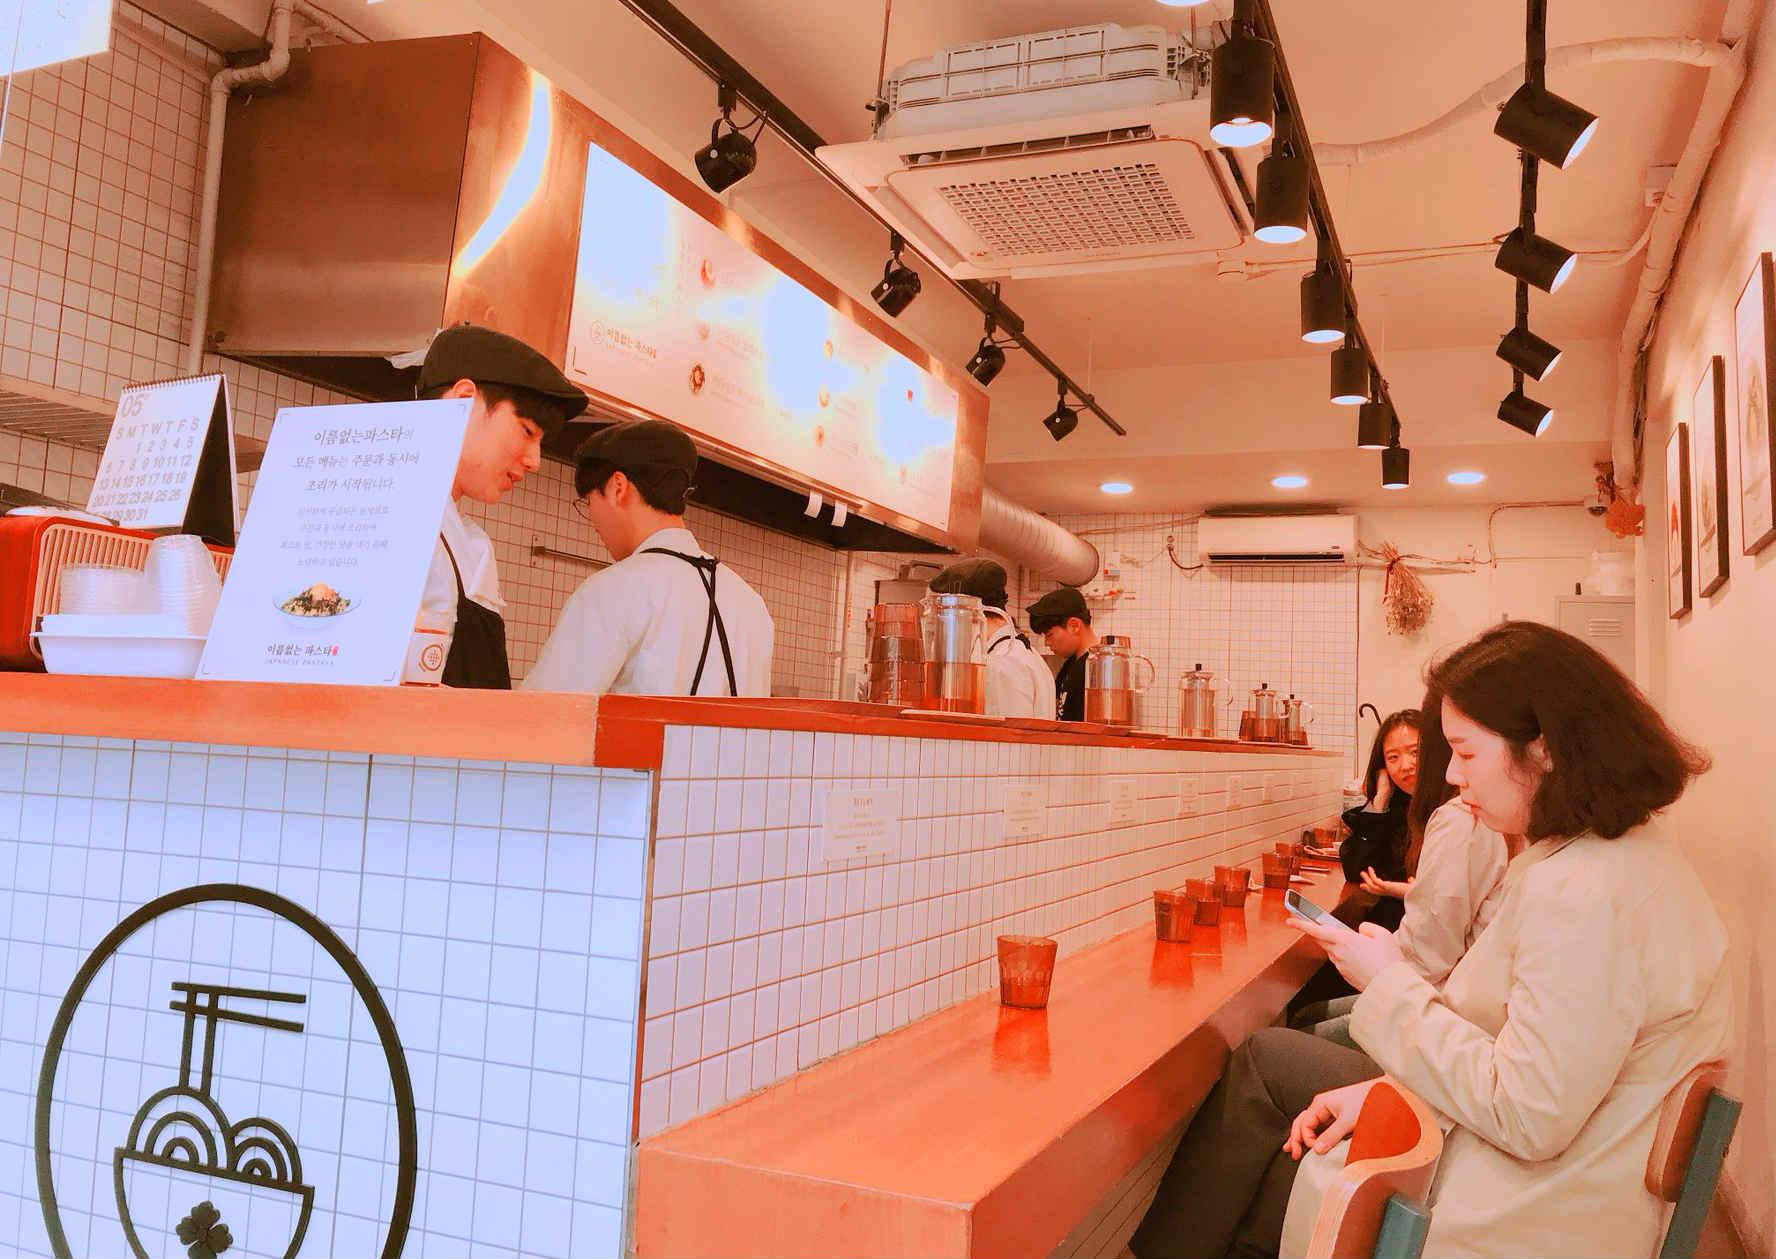 店內的座位只有一排,但千萬不要小看它,每到正餐時間,都是滿滿排隊人潮啊!